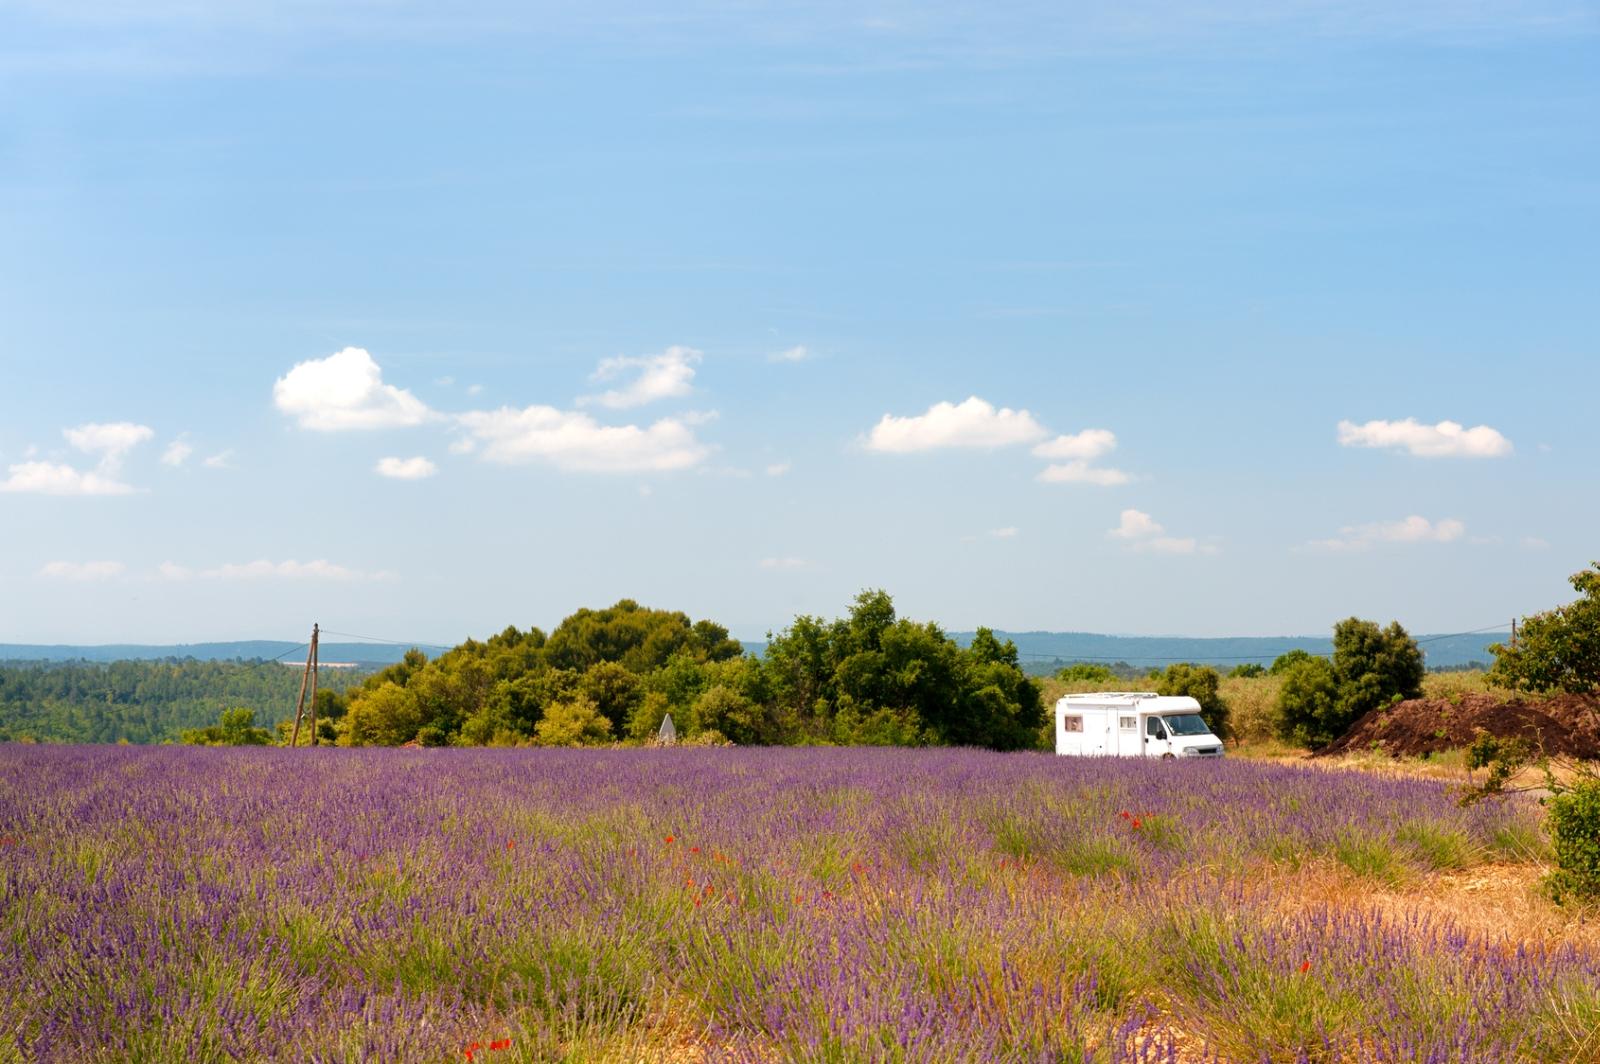 Camping direkt am Strand, Camping mit Animations- und Freizeitprogramm, Camping mit Hund, Glamping und vieles mehr. Die Region Provence-Alpes-Côte d'Azur ist ein wahres Paradies für Campingliebhaber.